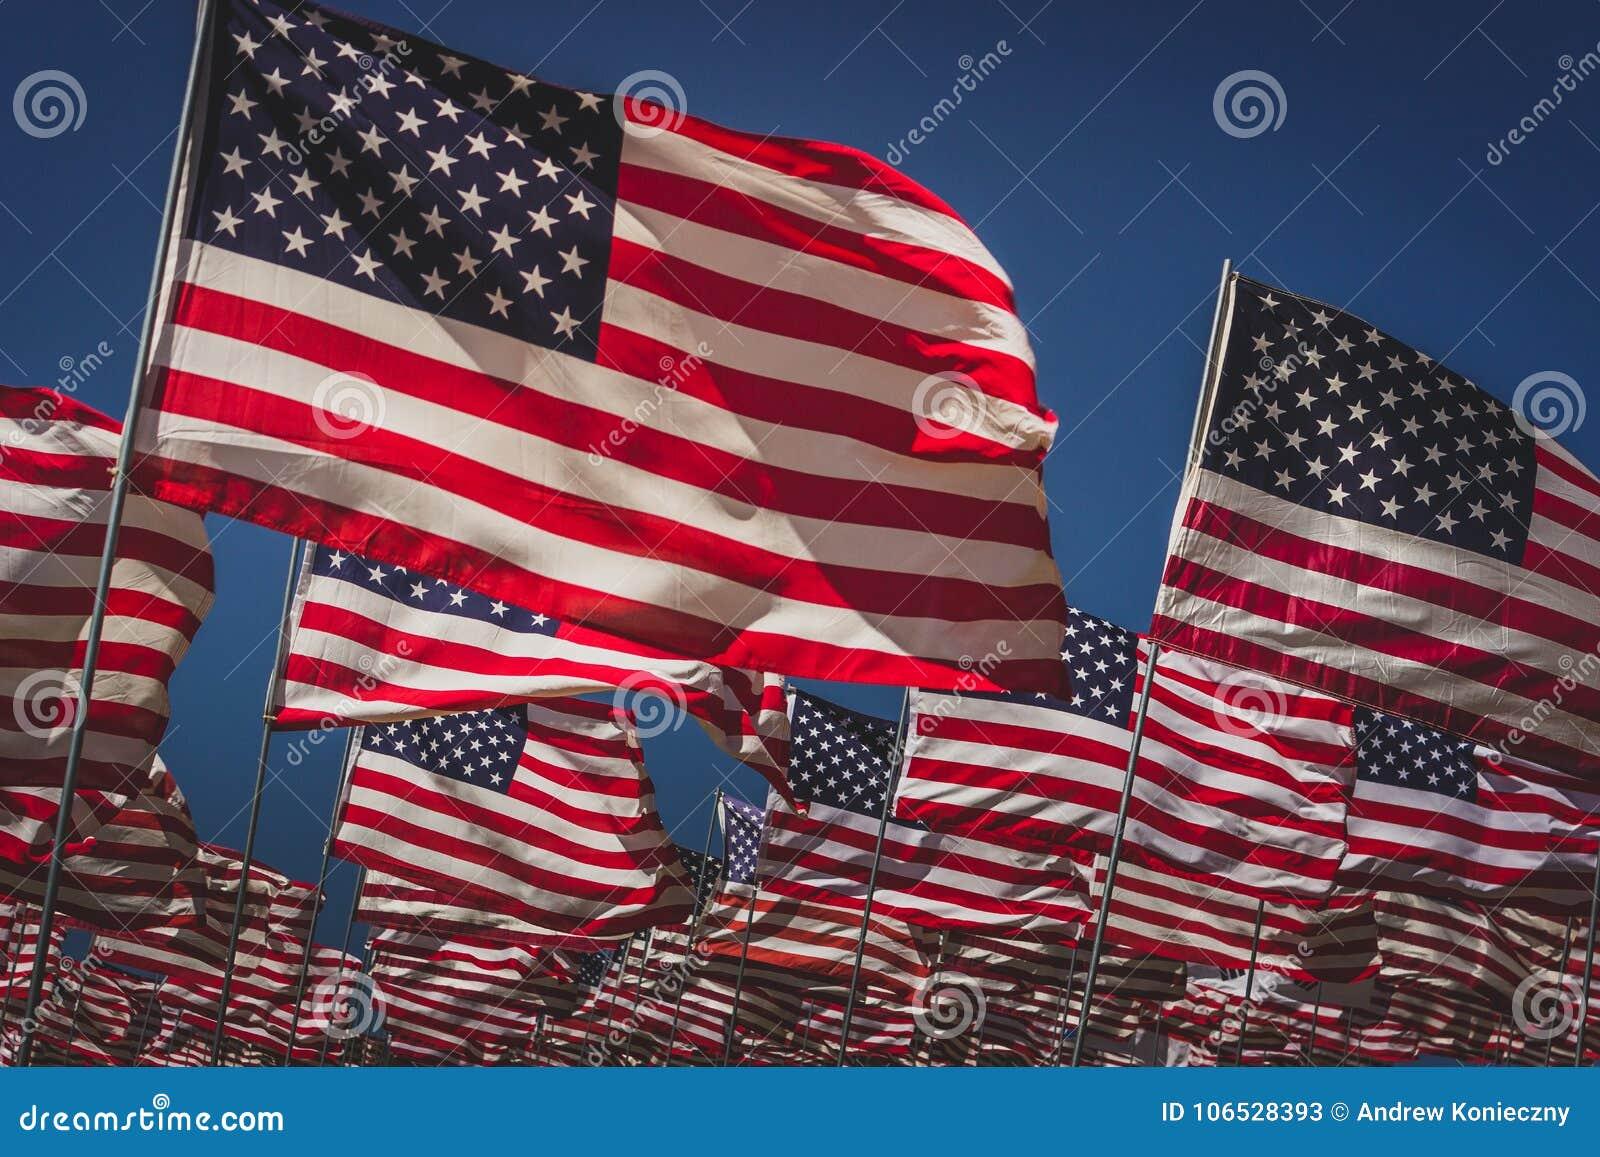 c47d4da92 Ondas de banderas imagen de archivo. Imagen de muchos - 106528393